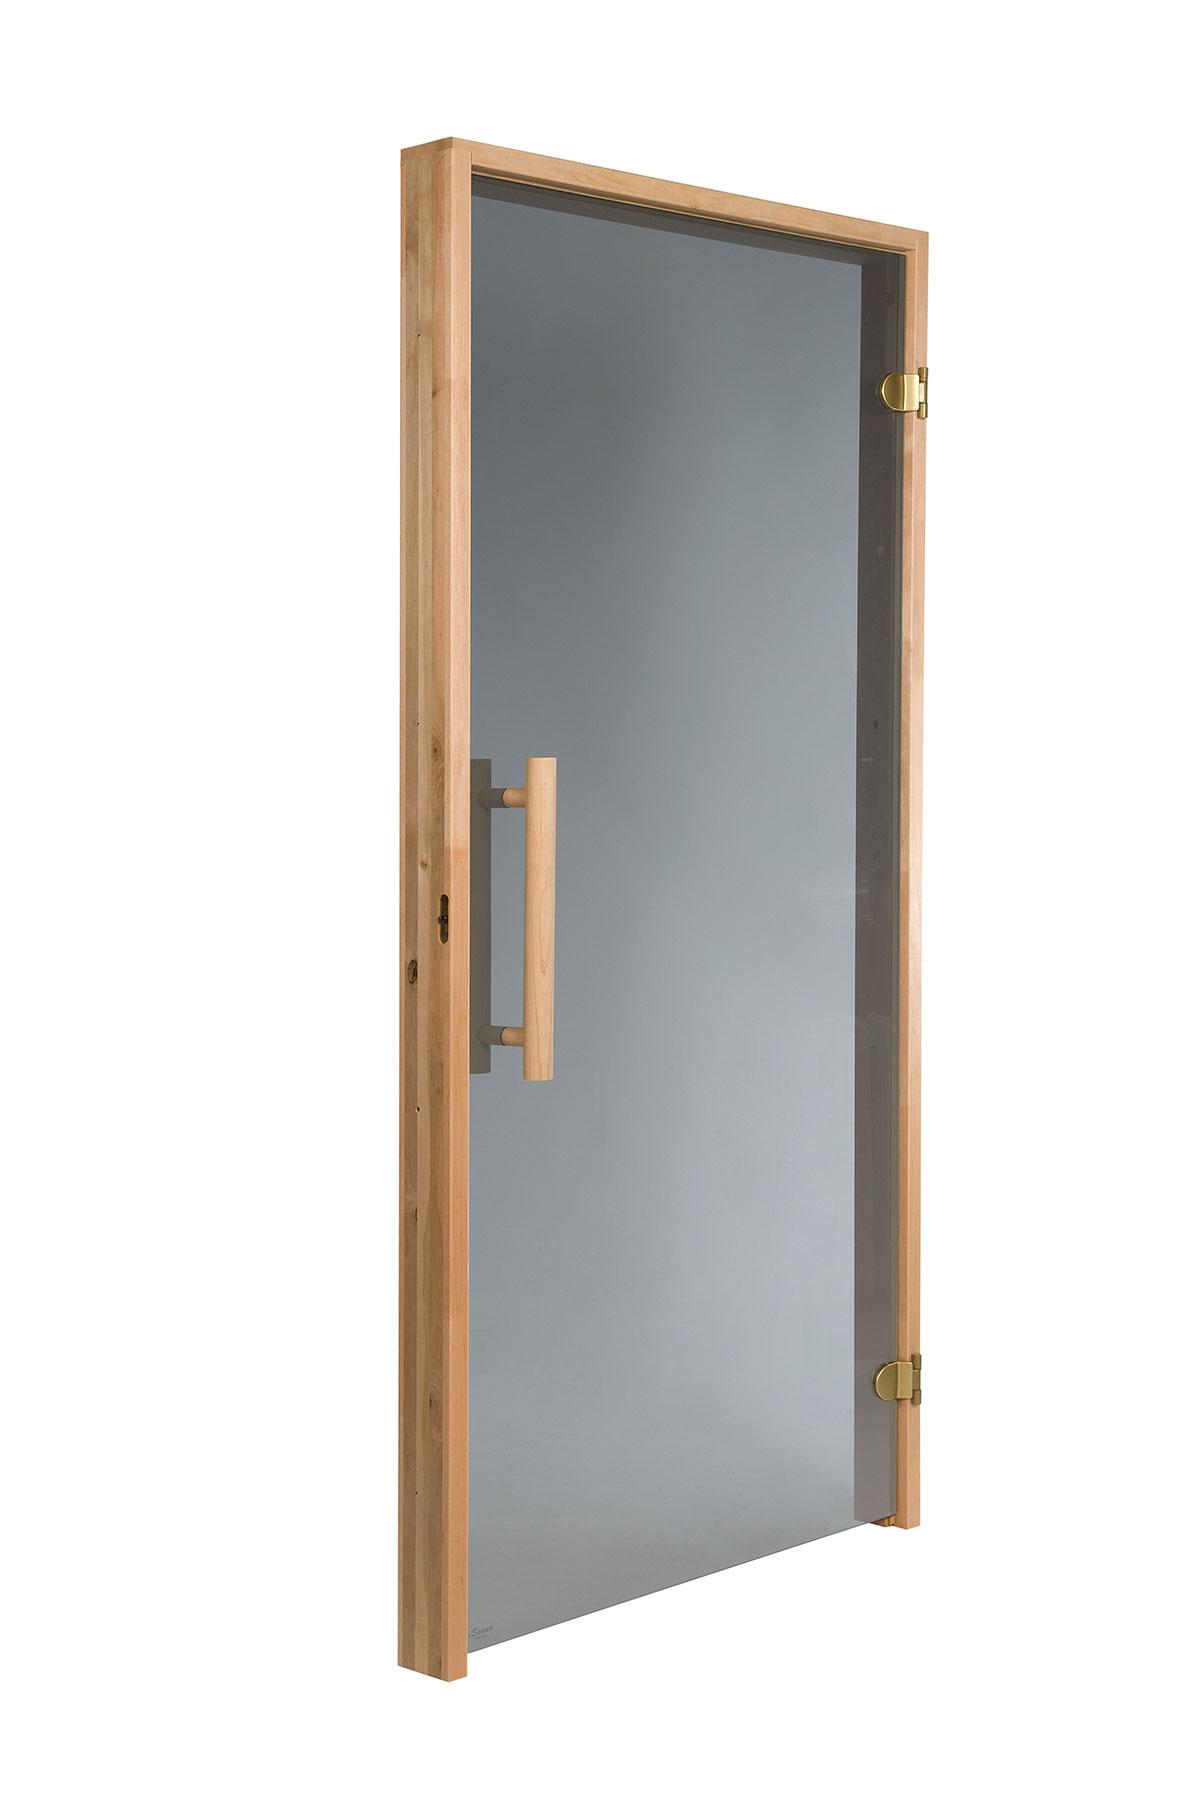 Sauna Doors 4 Sizes Inca Uk Ltd